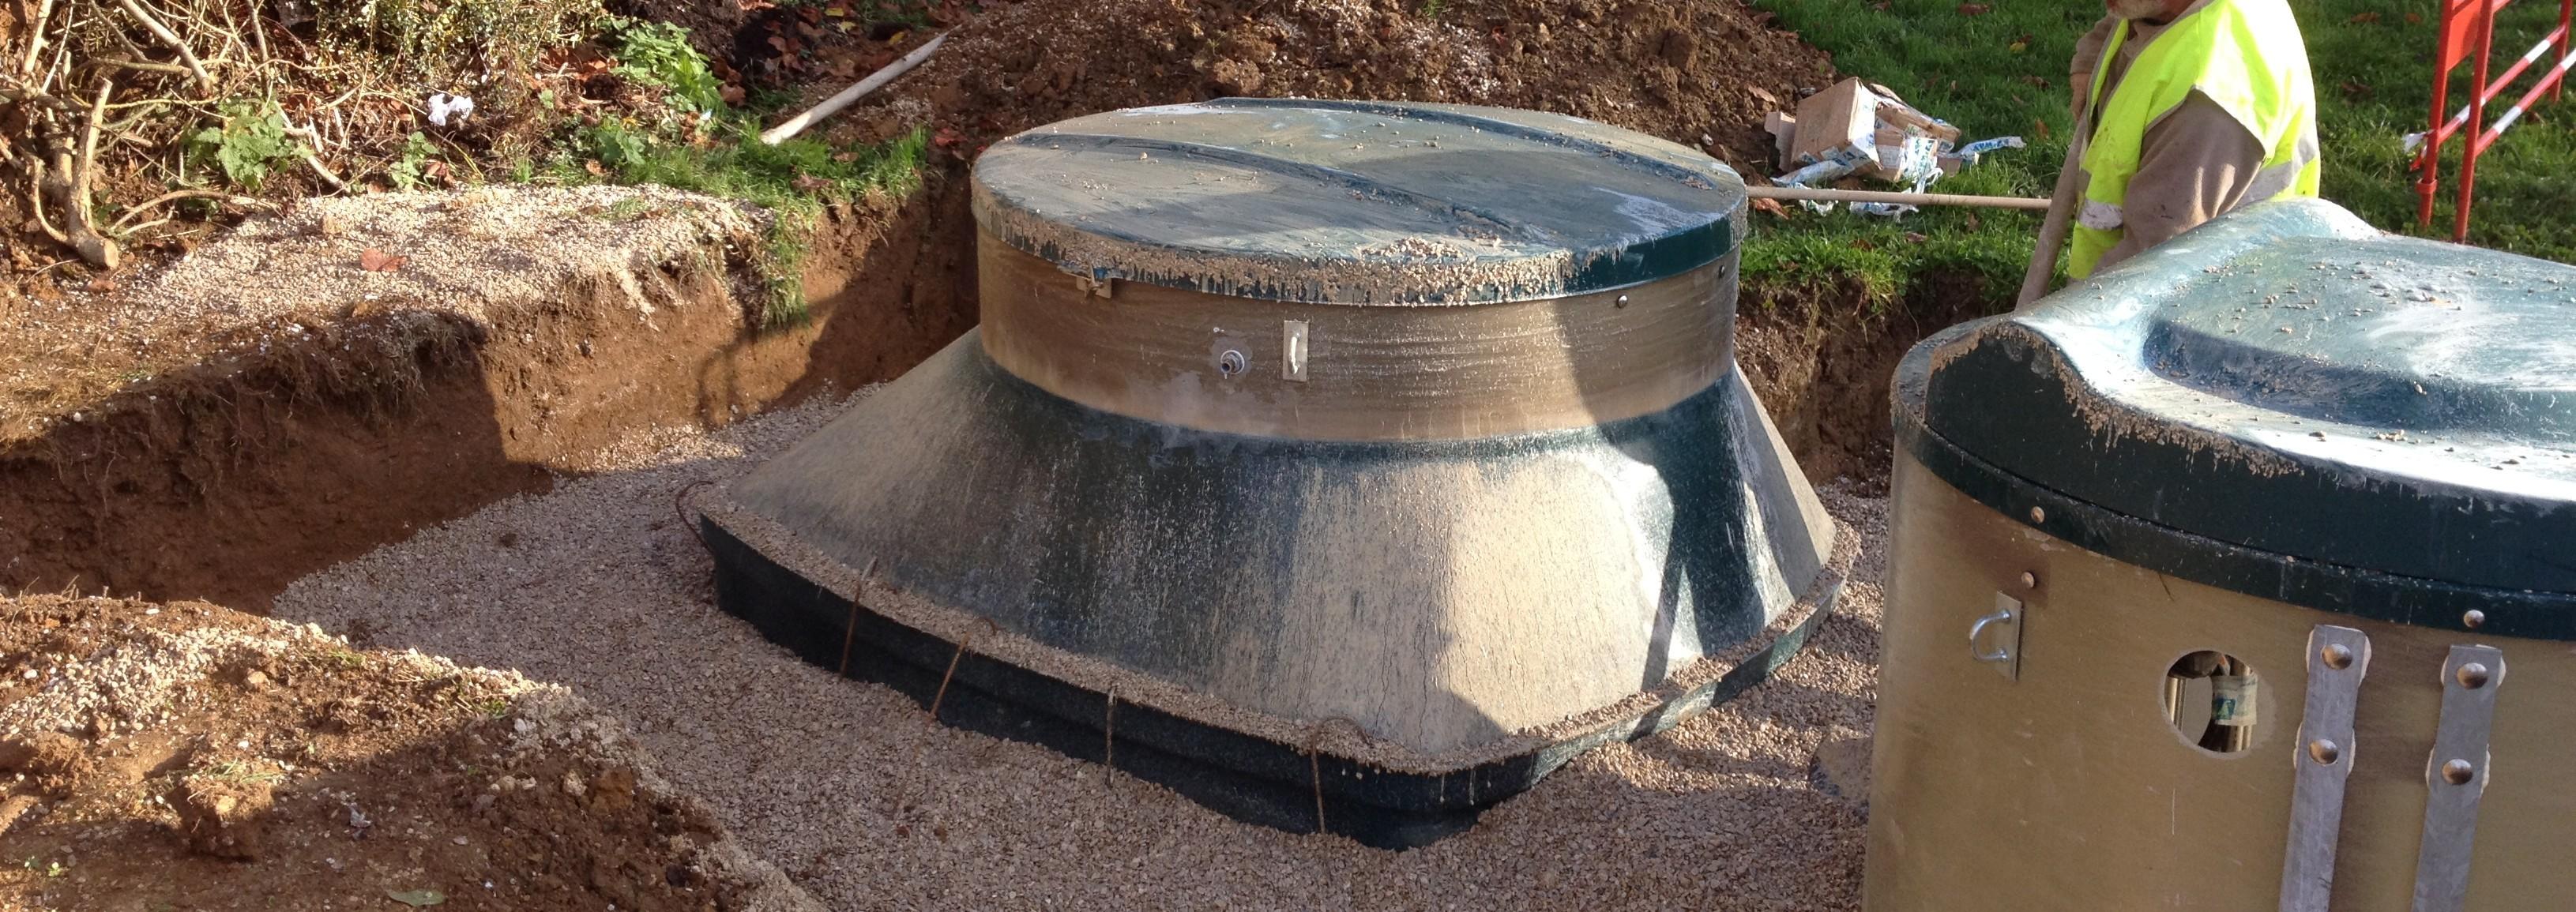 Assainissement des eaux usées dans l'Aube 10